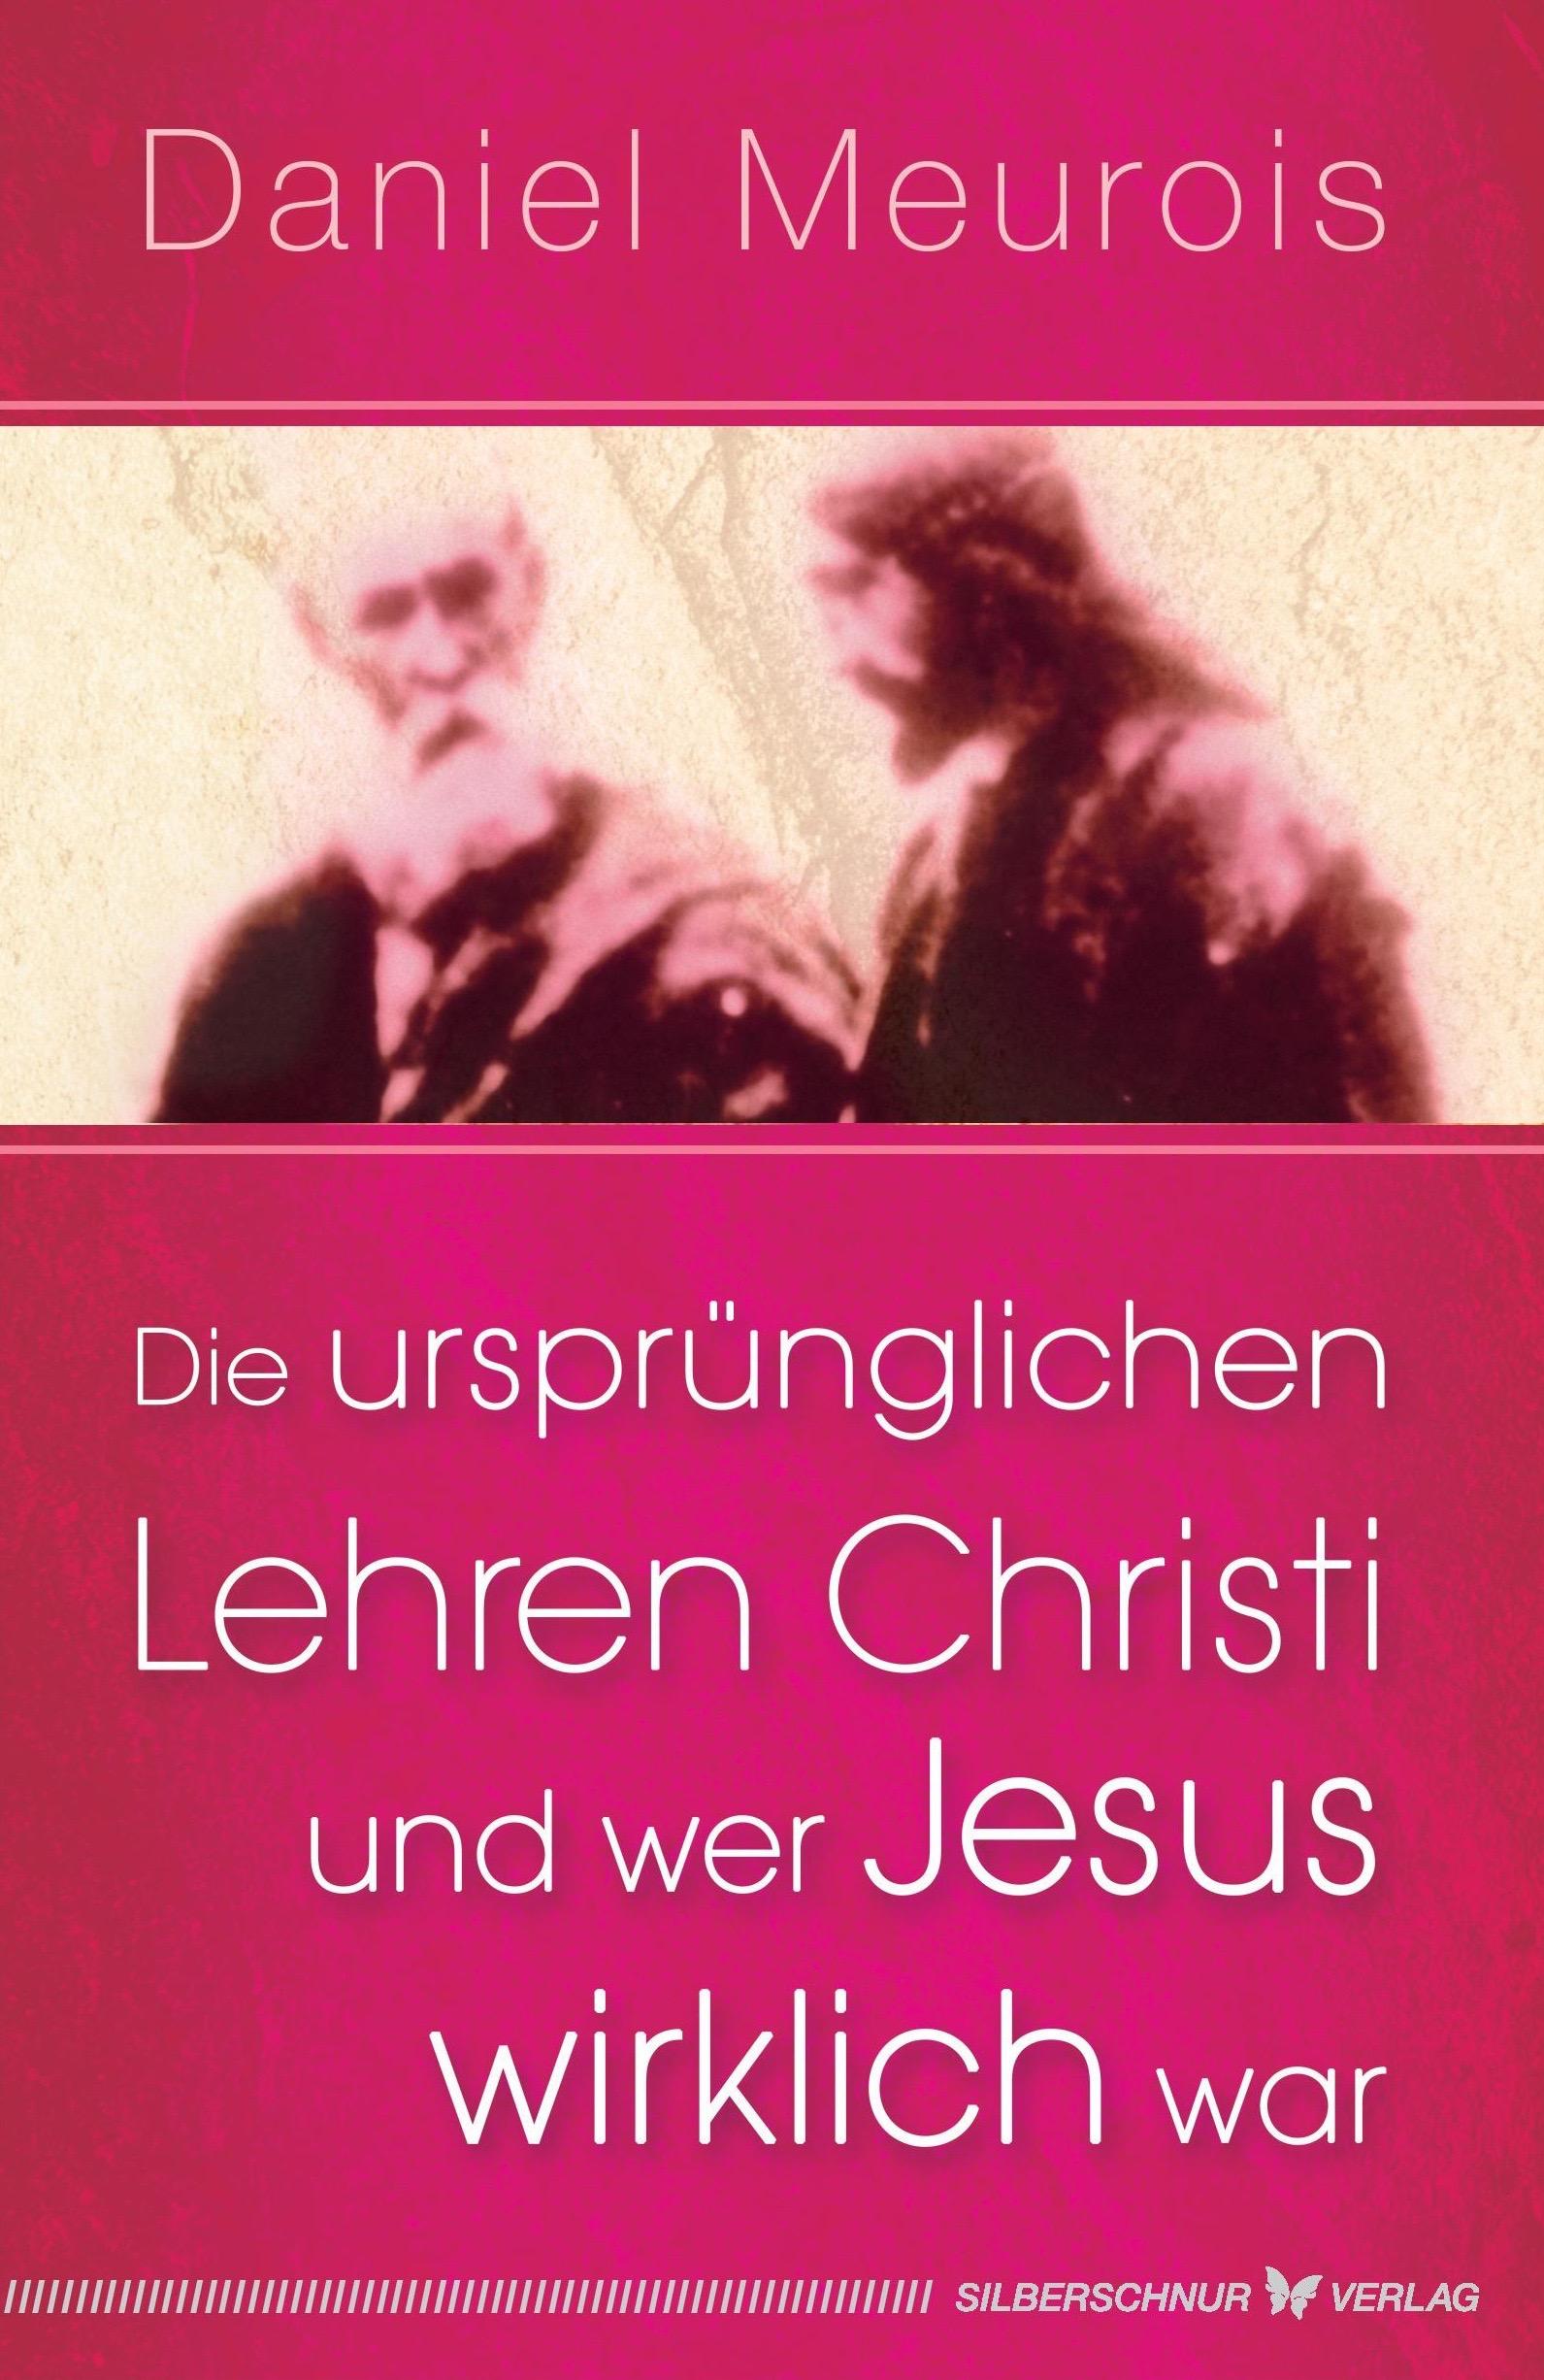 Die ursprünglichen Lehren Christi